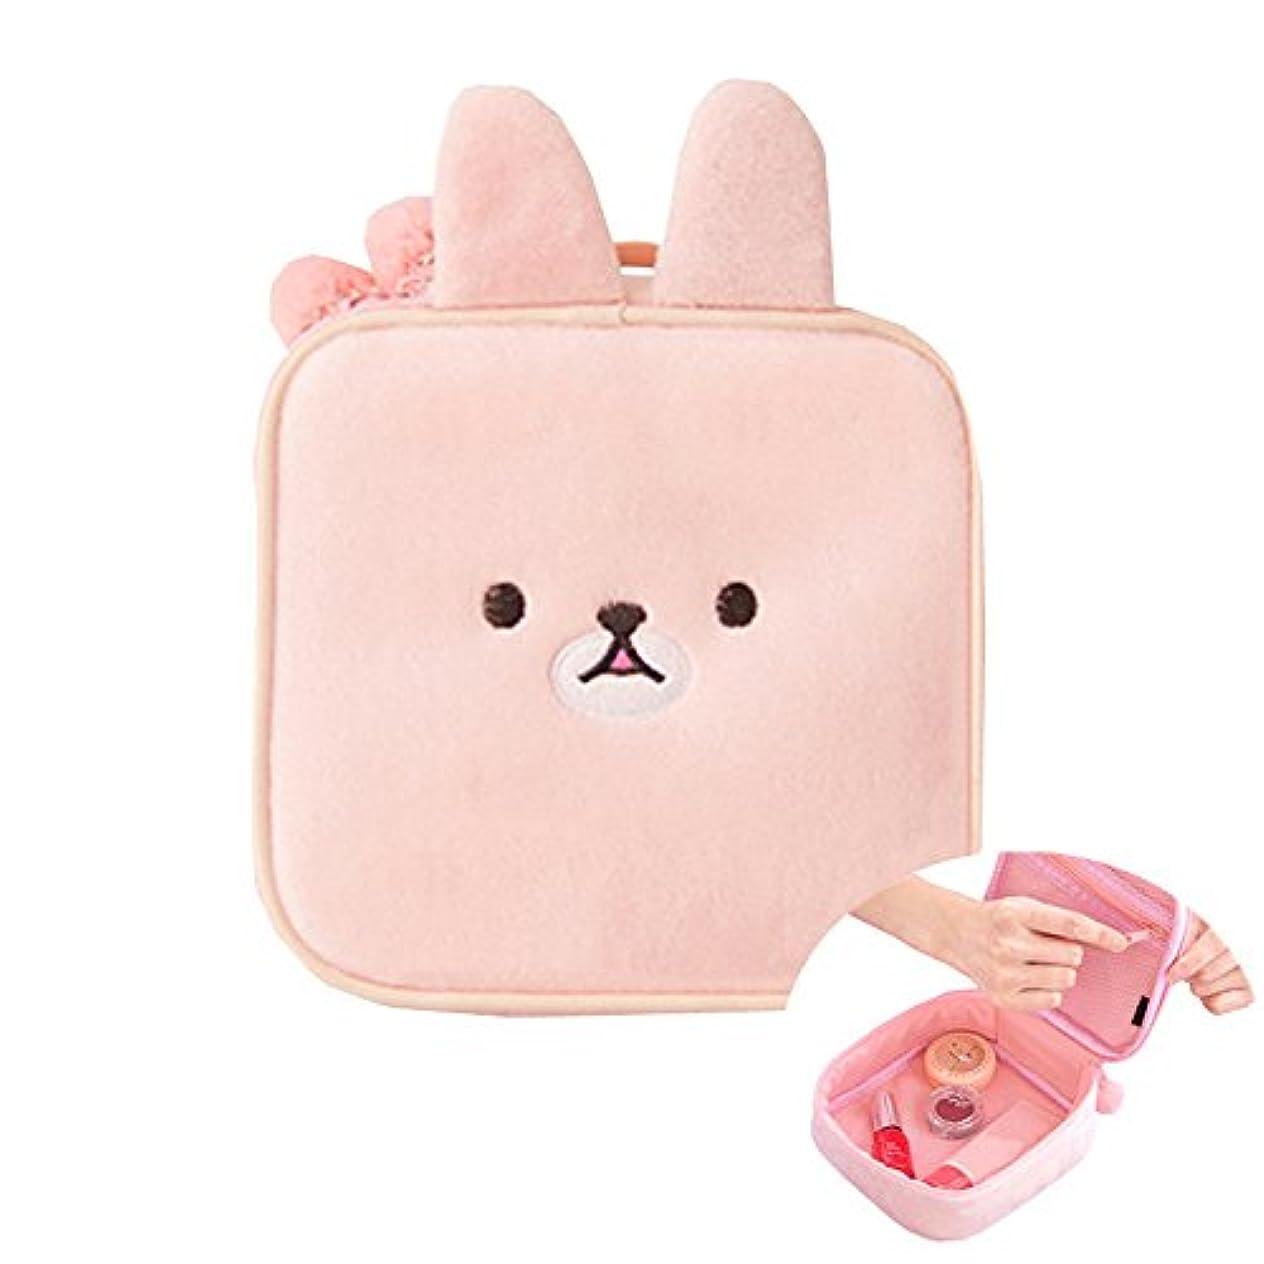 良いも かわいいウサギの化粧品袋漫画の女の子のミニポーチ旅行ウォッシュメイクツールオーガナイザーケースボックスアクセサリー用品